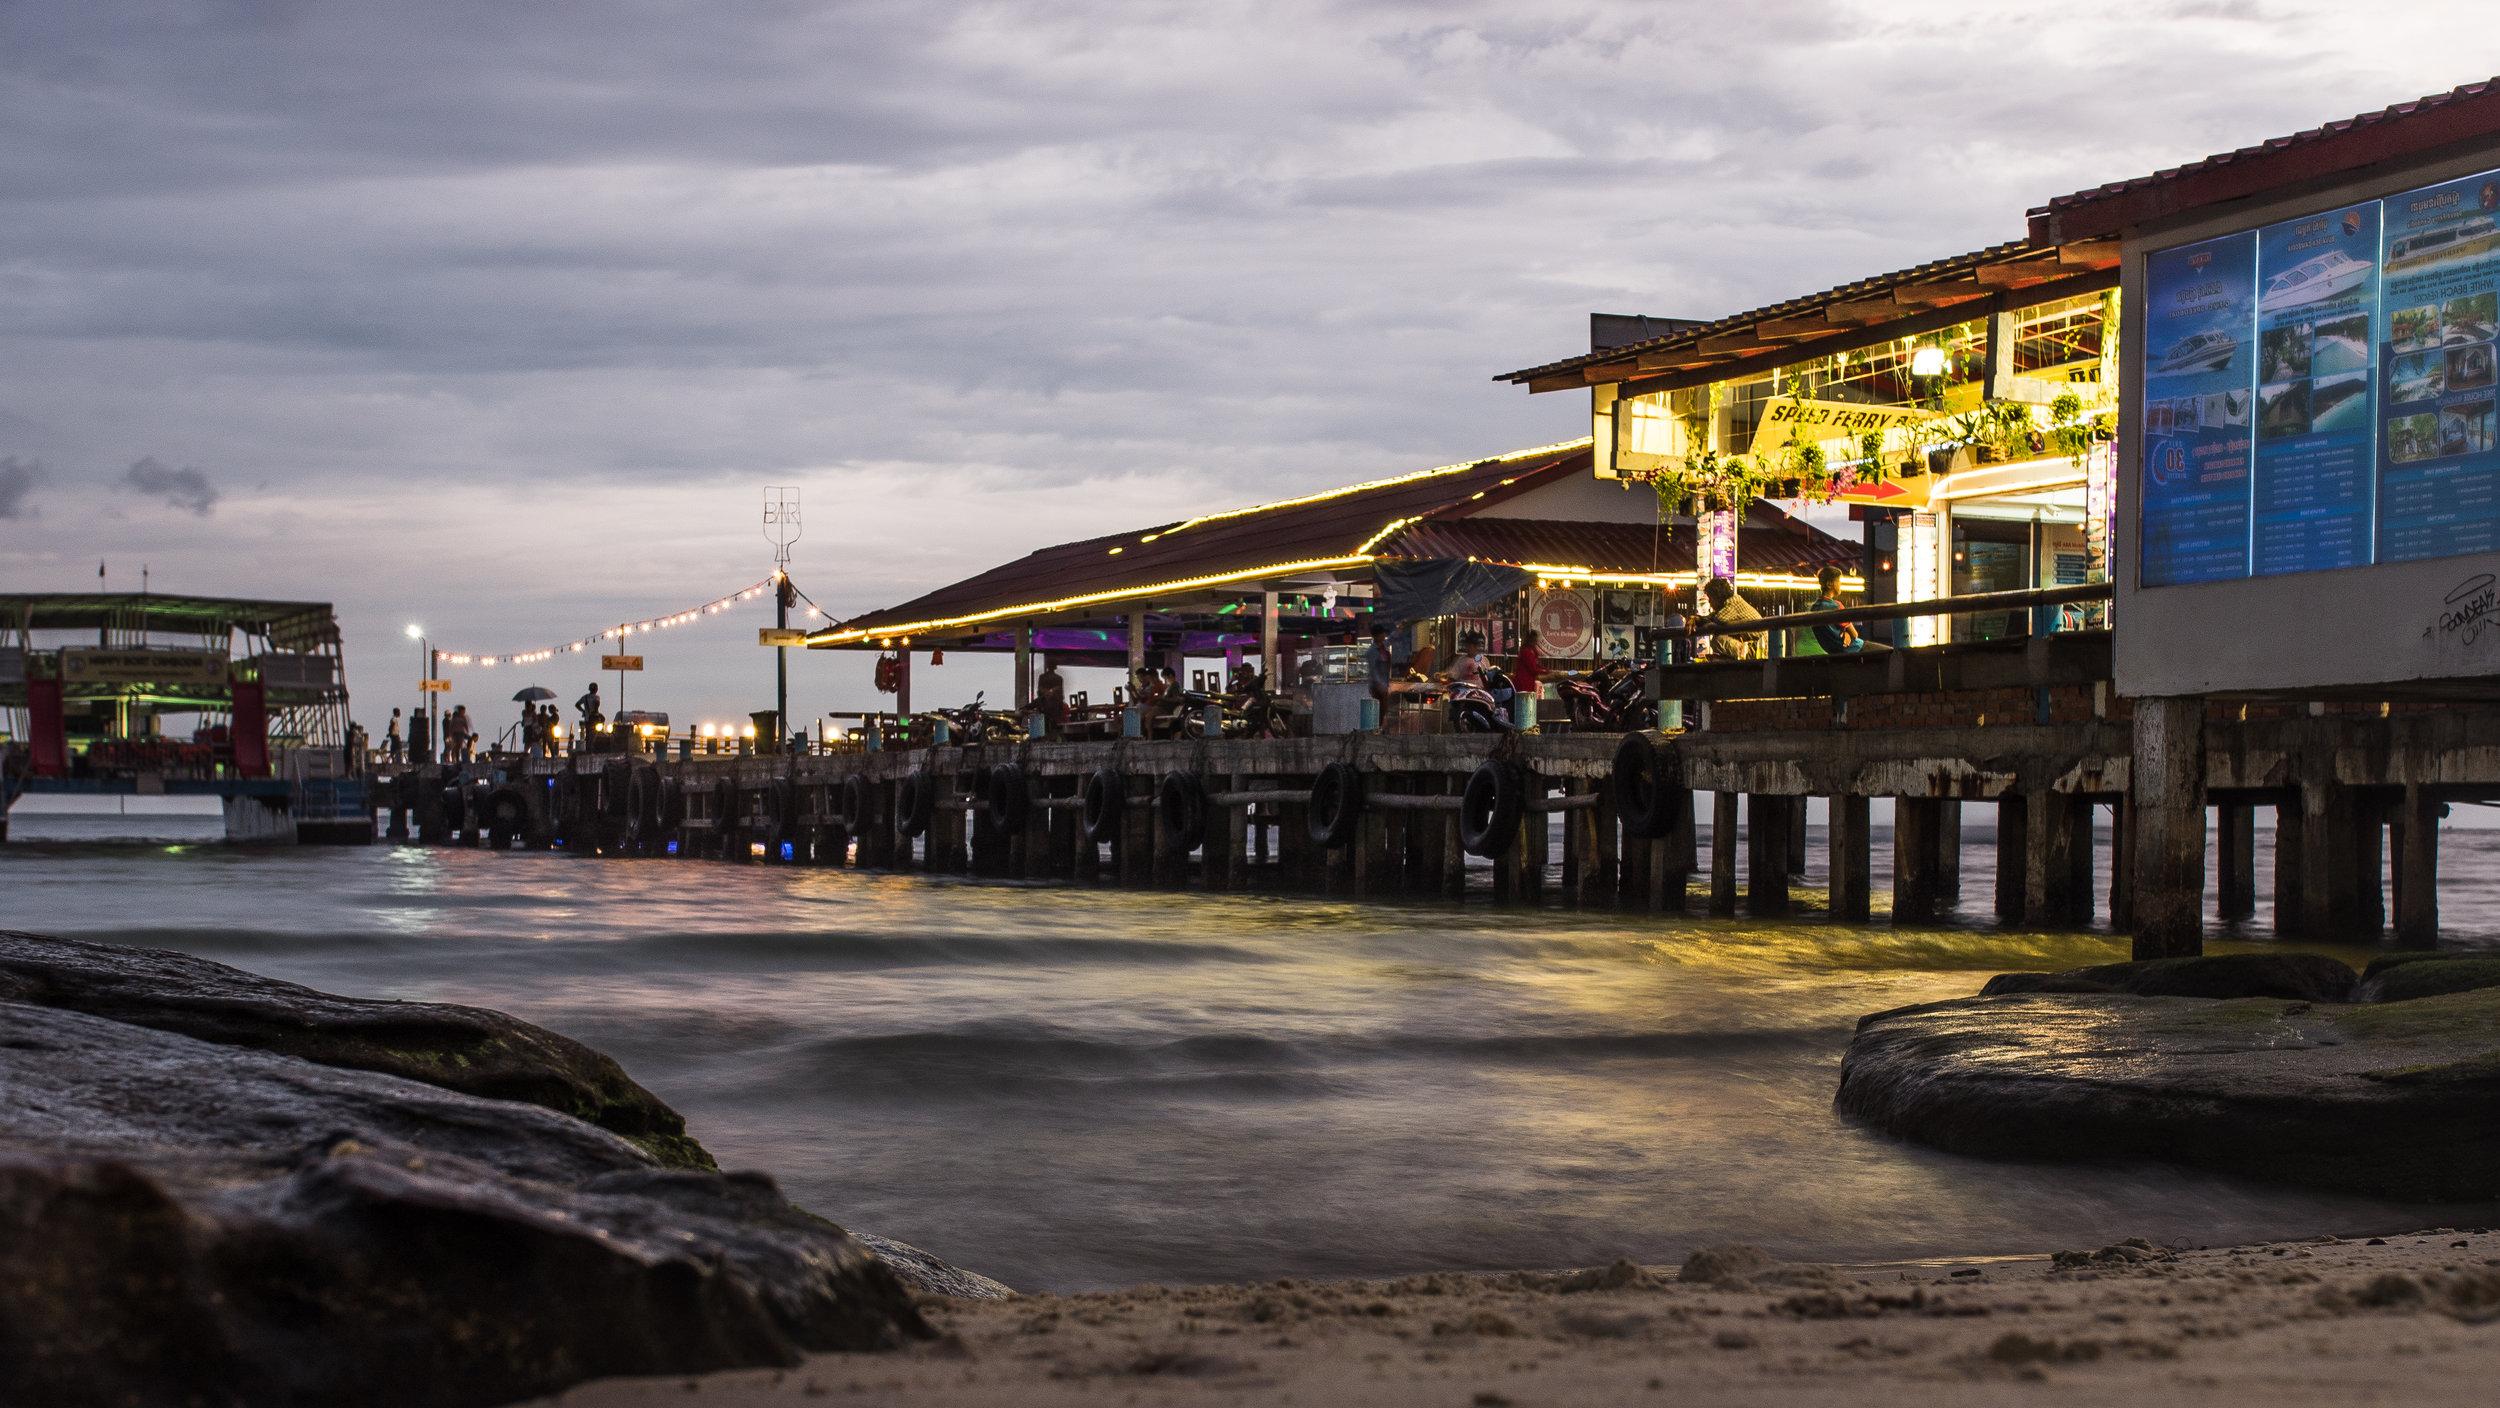 cambodia - beach-2.jpg